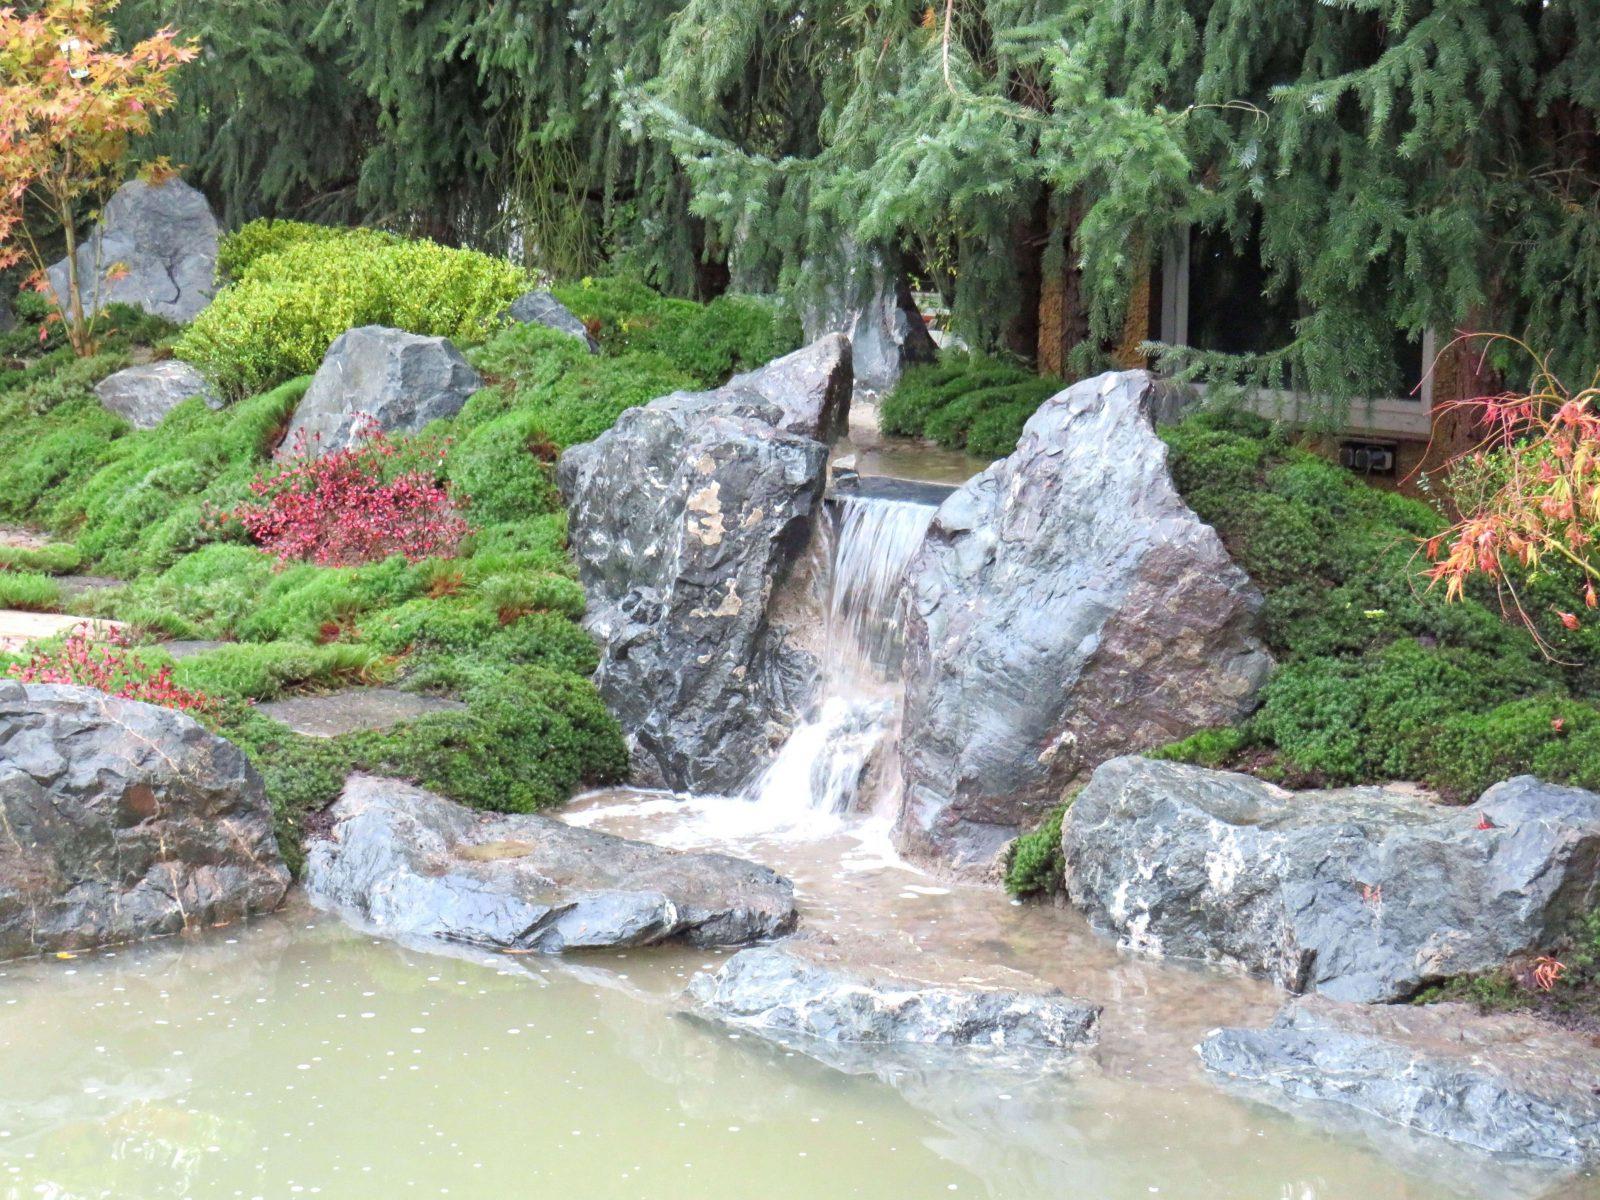 38 Das Beste Von Wasserfall Garten Bauen Anleitung von Wasserfall Garten Bauen Anleitung Bild